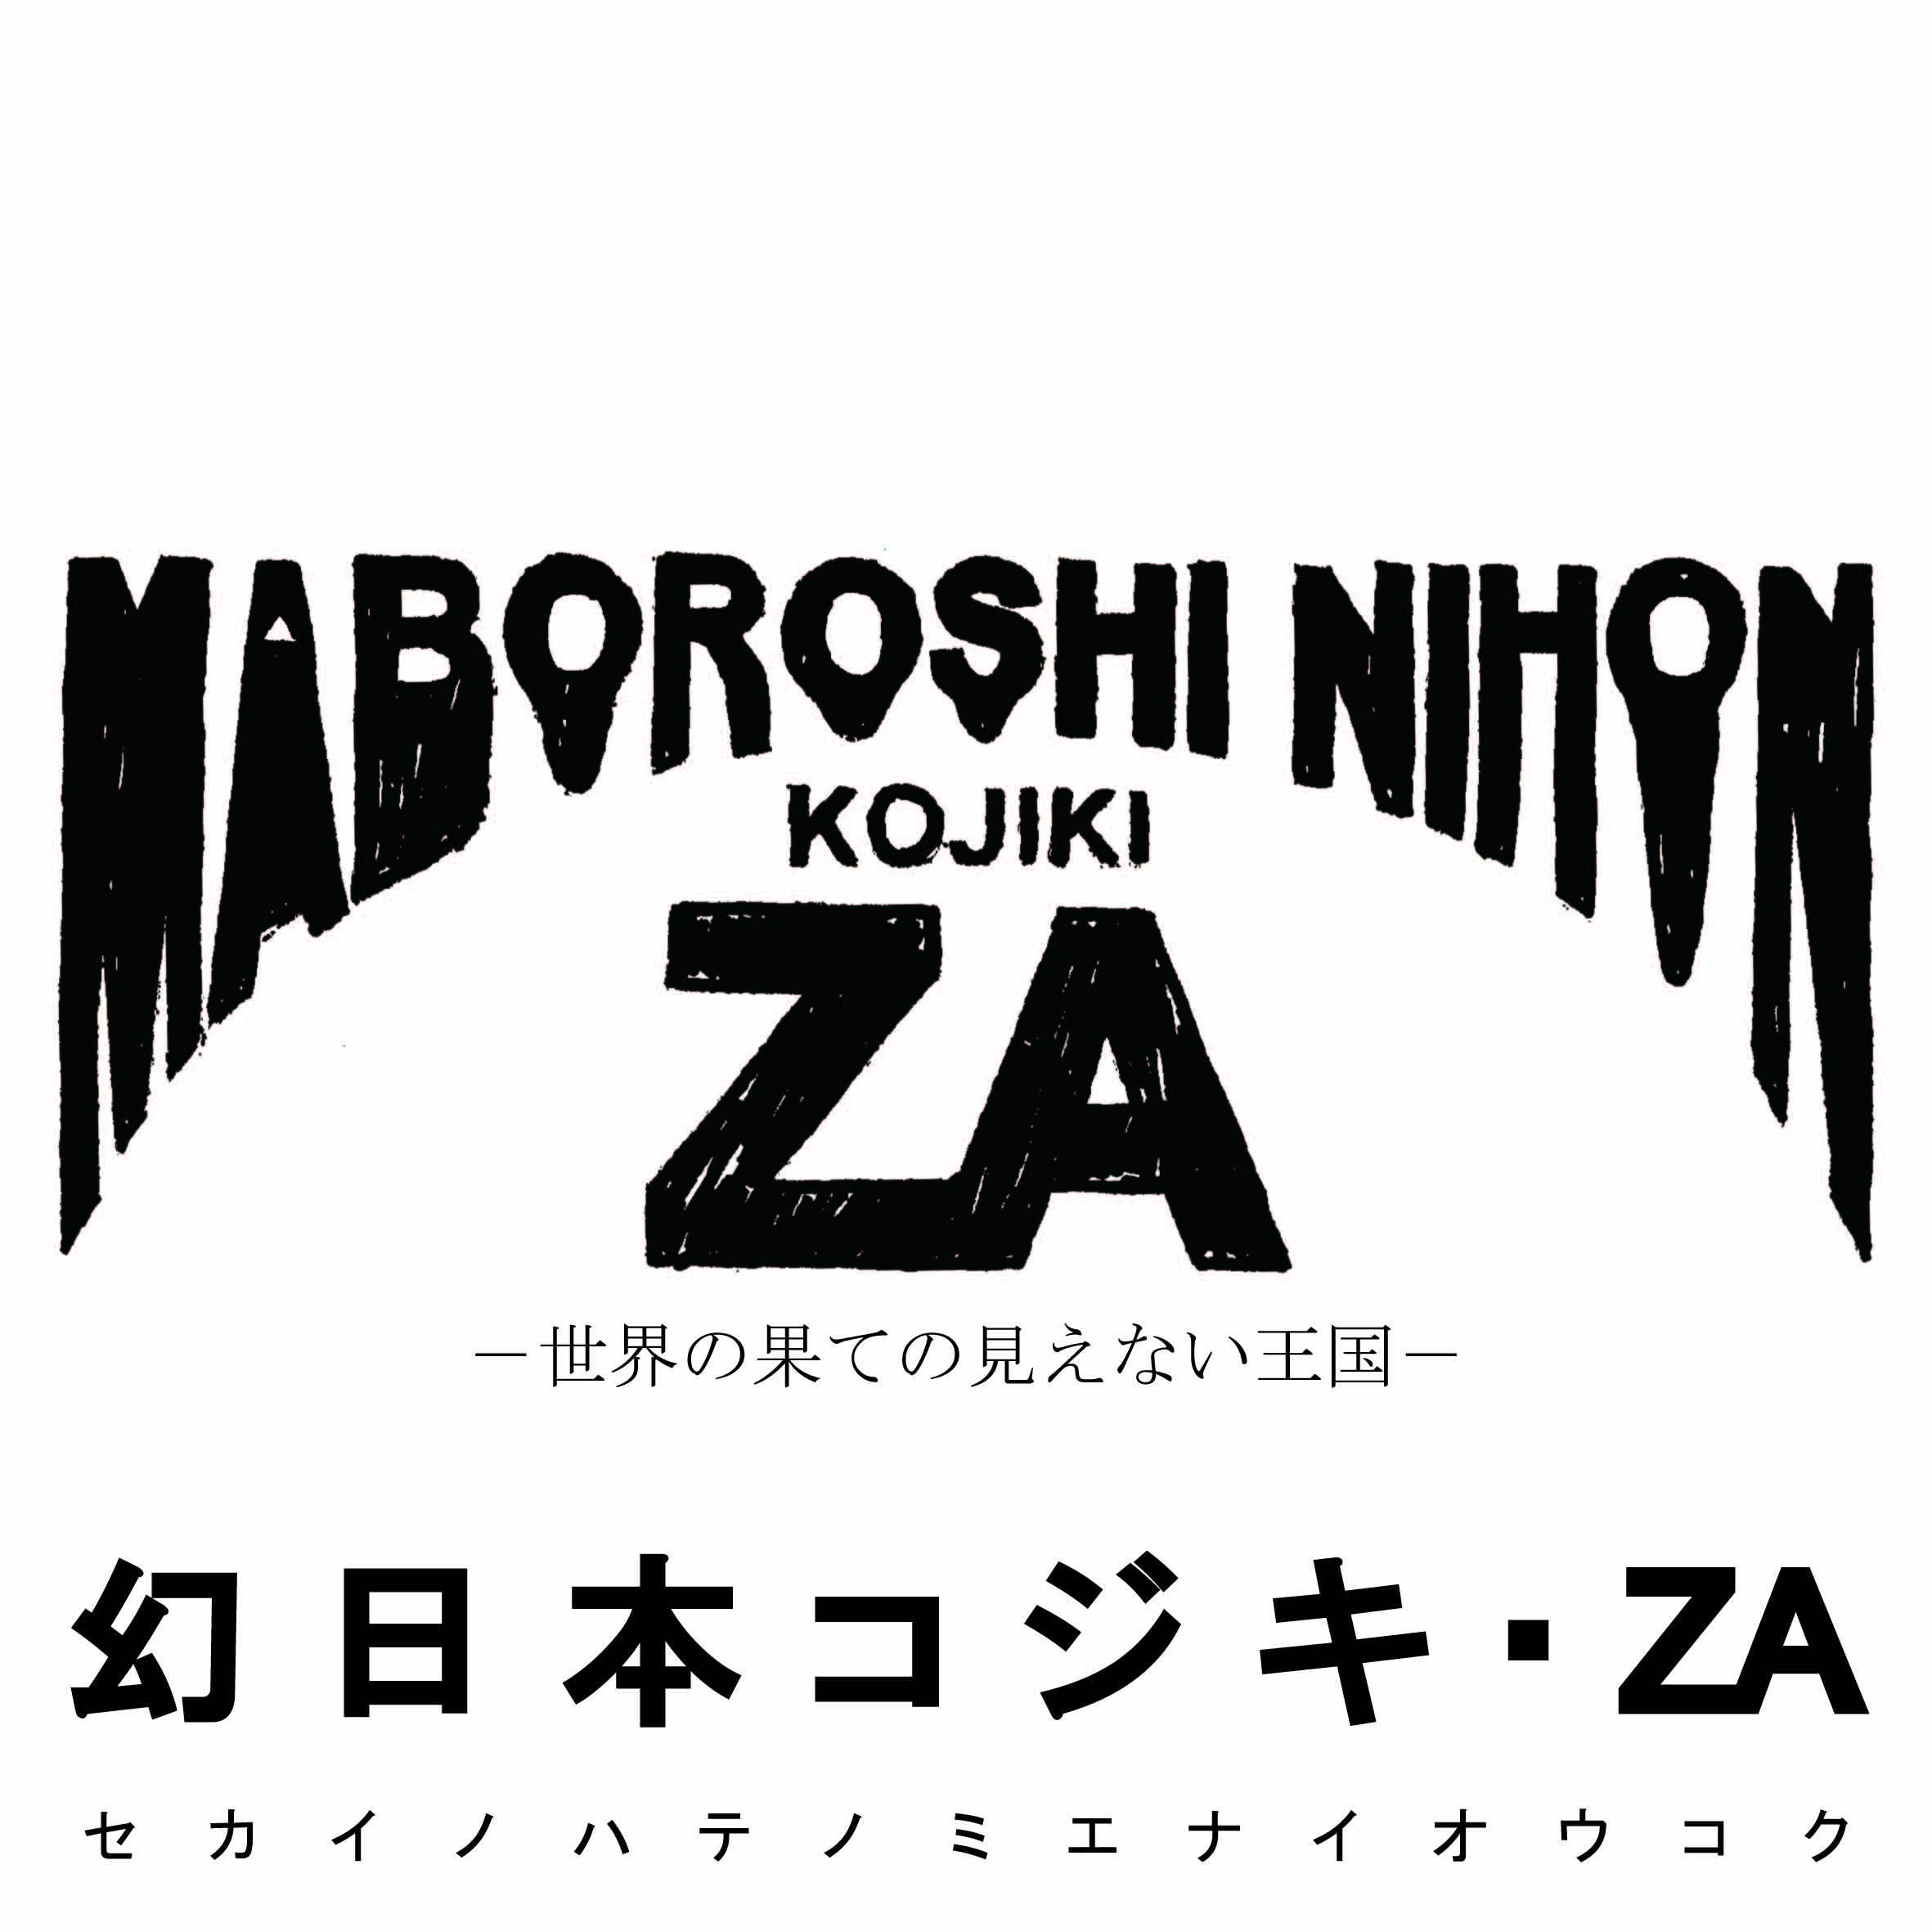 完成表紙ロゴタイプ日本語